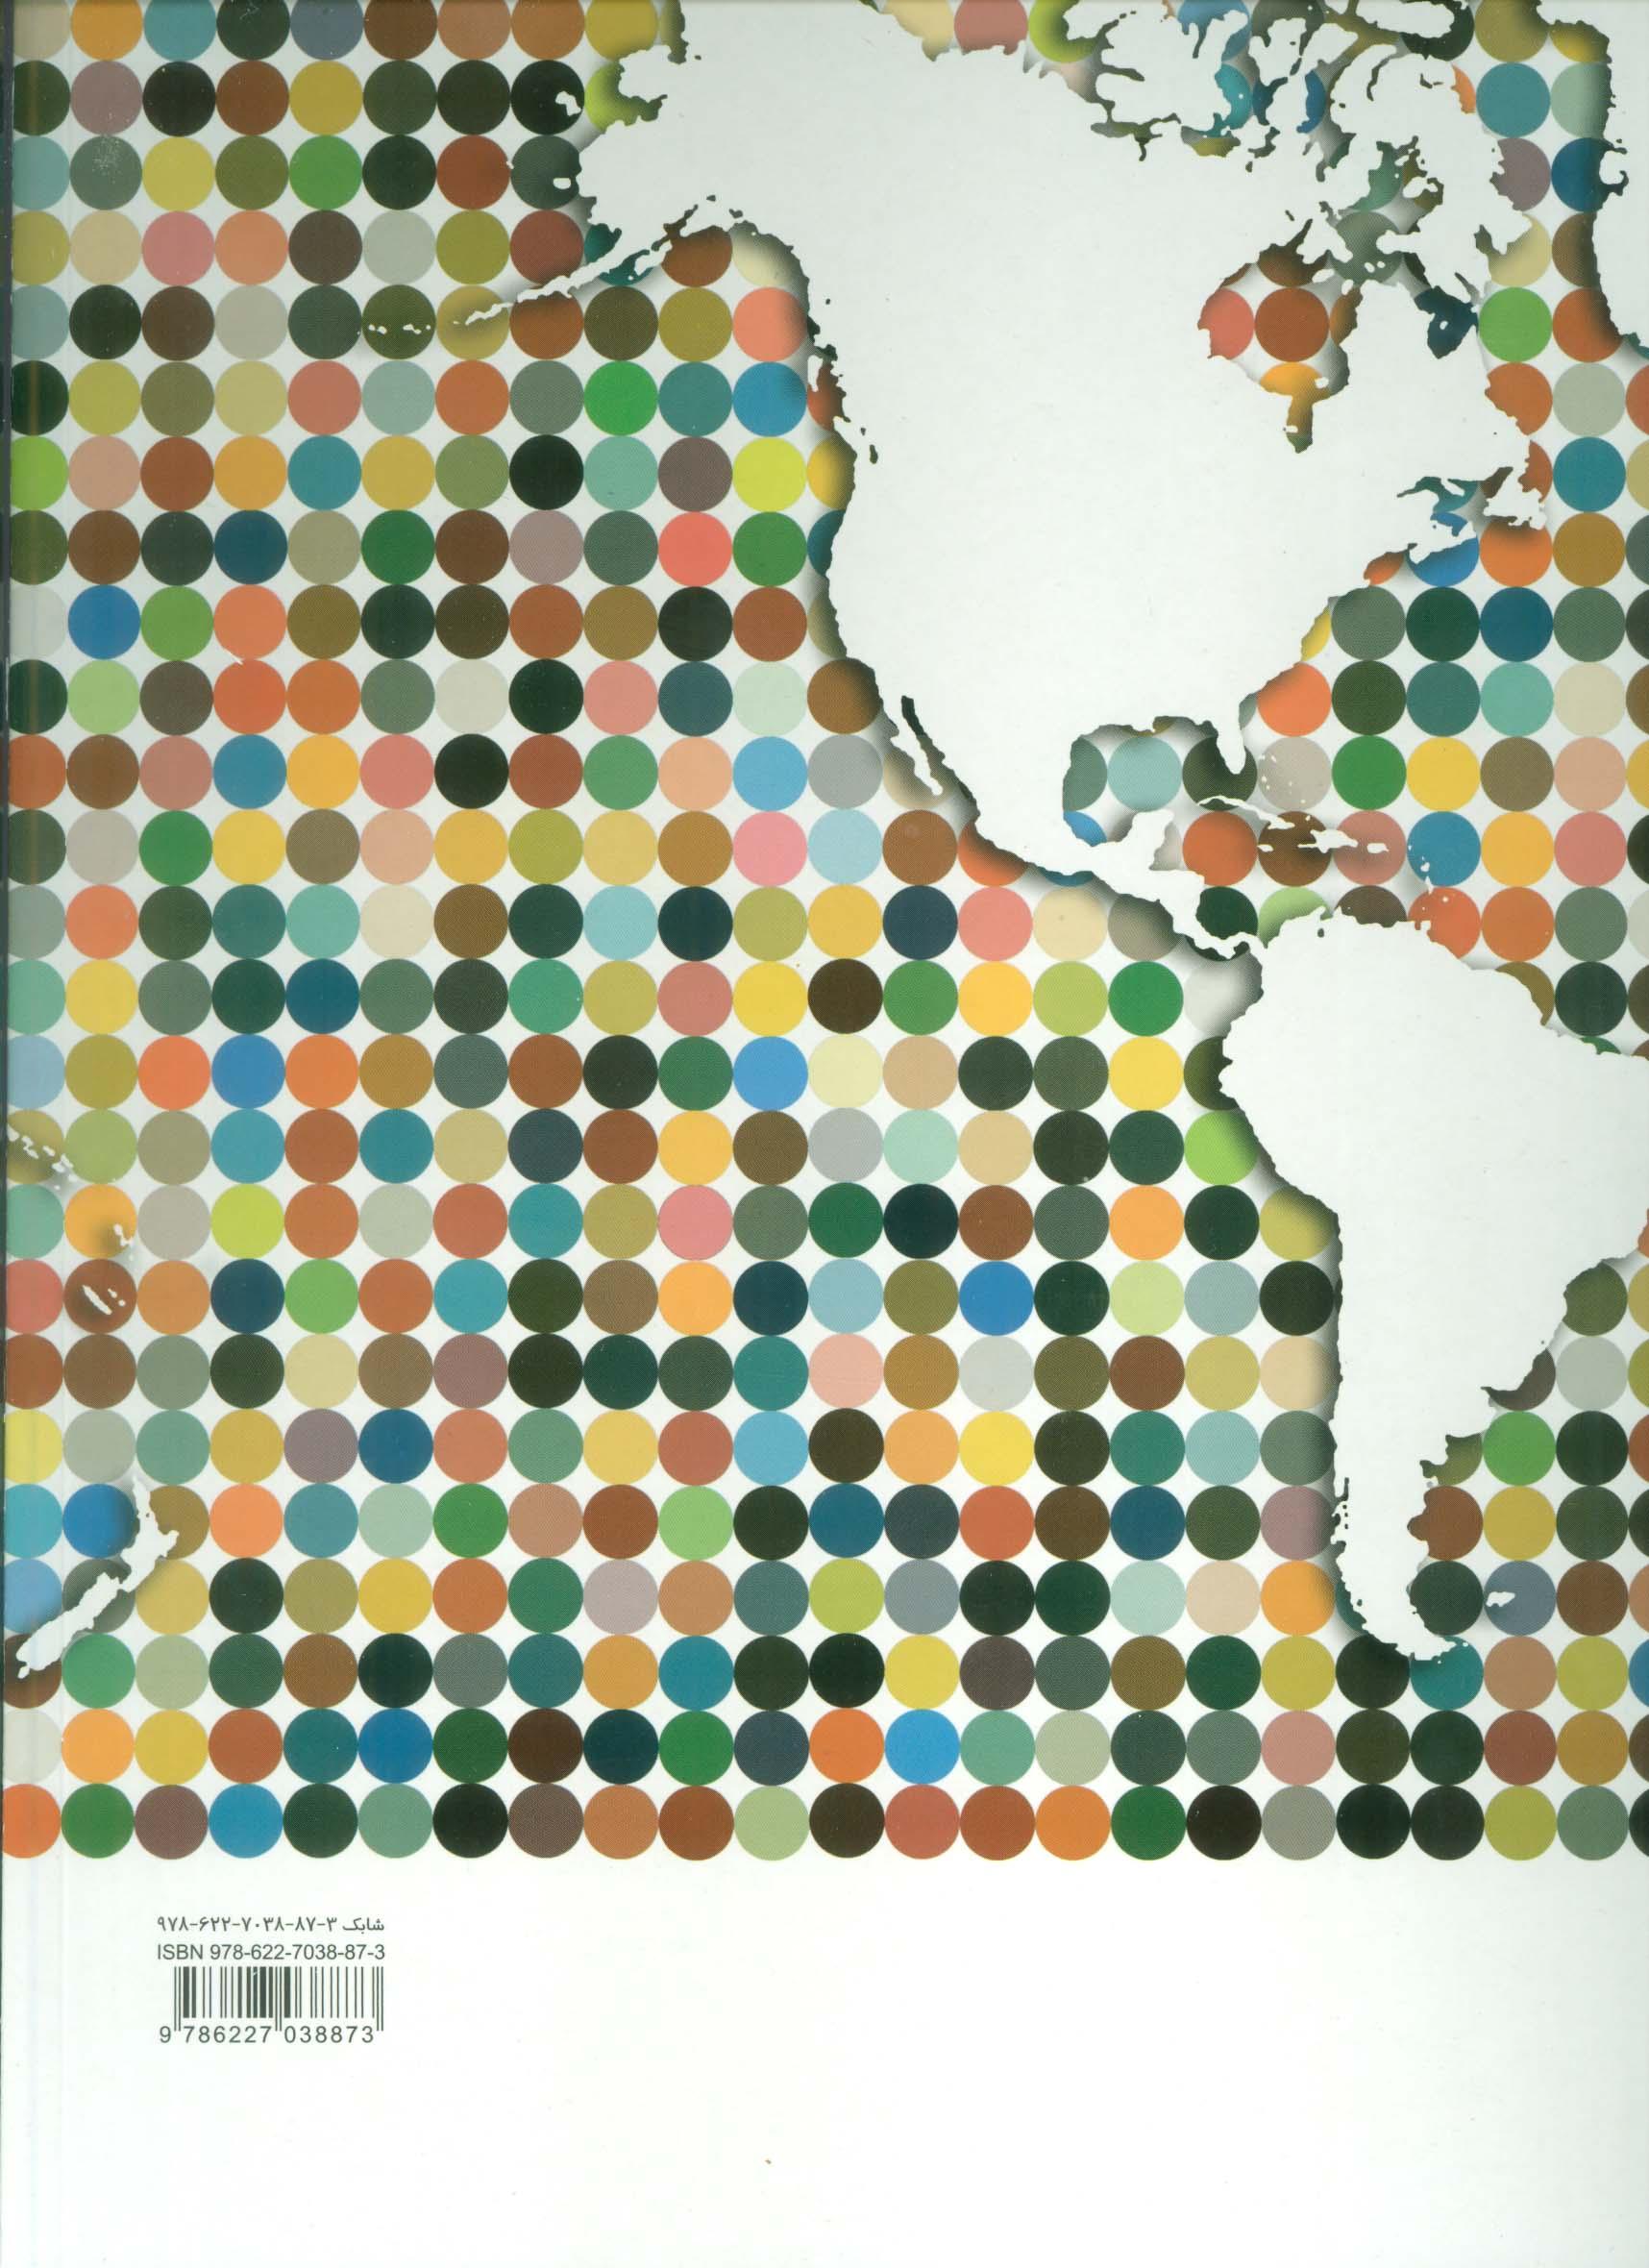 اطلس ایران و جهان کد 571